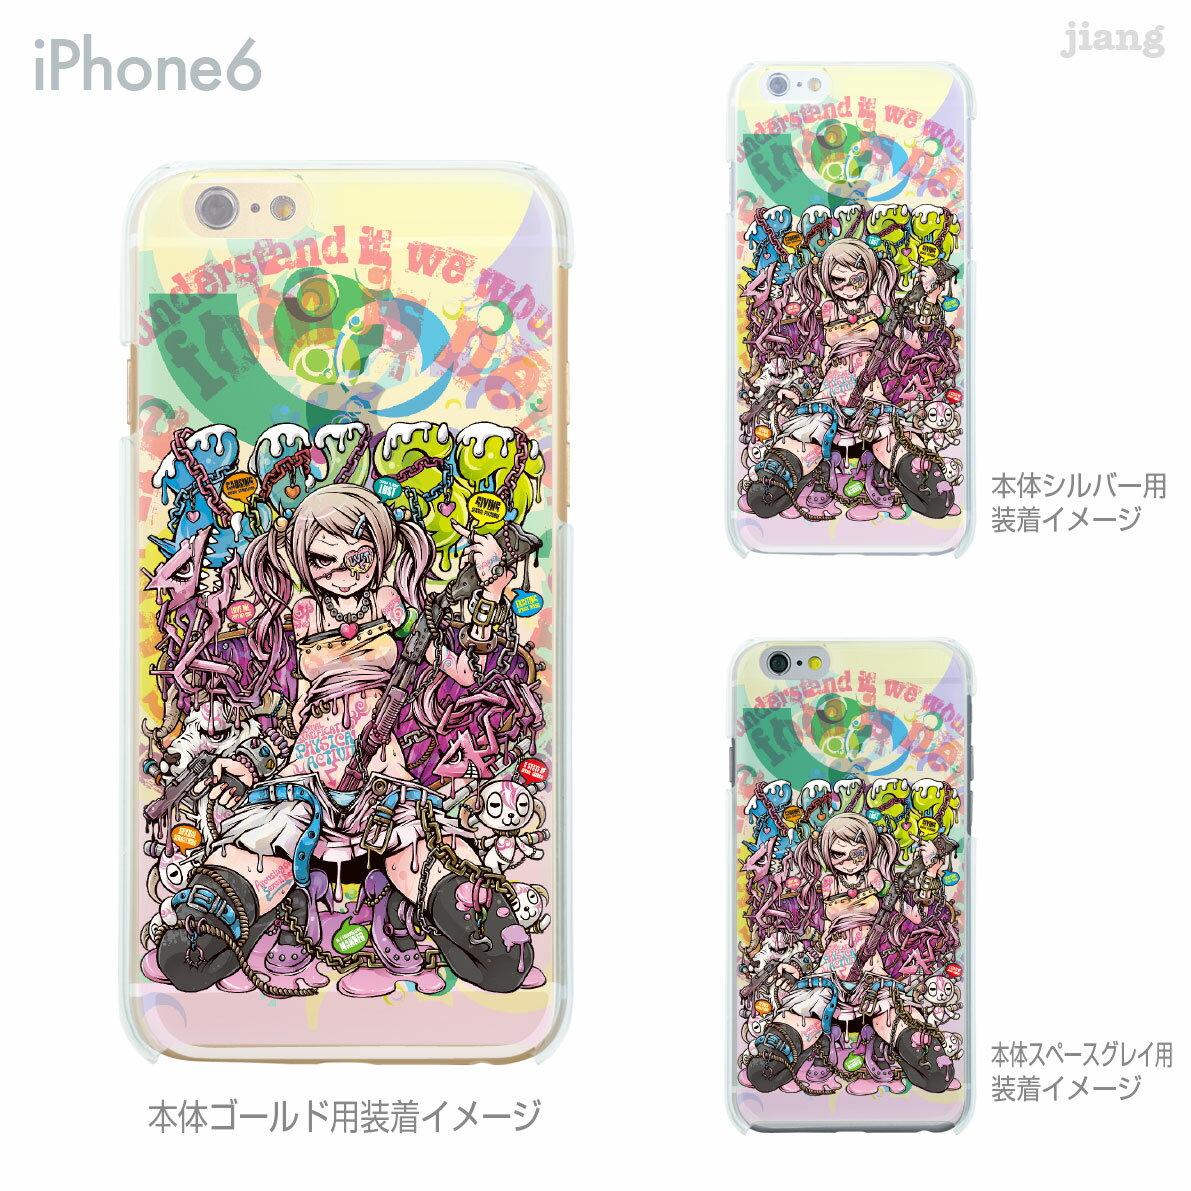 iPhoneX iPhone X ケース iPhone8 iPhone7ケース iPhone7 Plus iPhone6s iPhone6 Plus iphone ハードケース Clear Arts ケース カバー スマホケース クリアケース Project.C.K. 色欲 11-ip6-ca0023-s